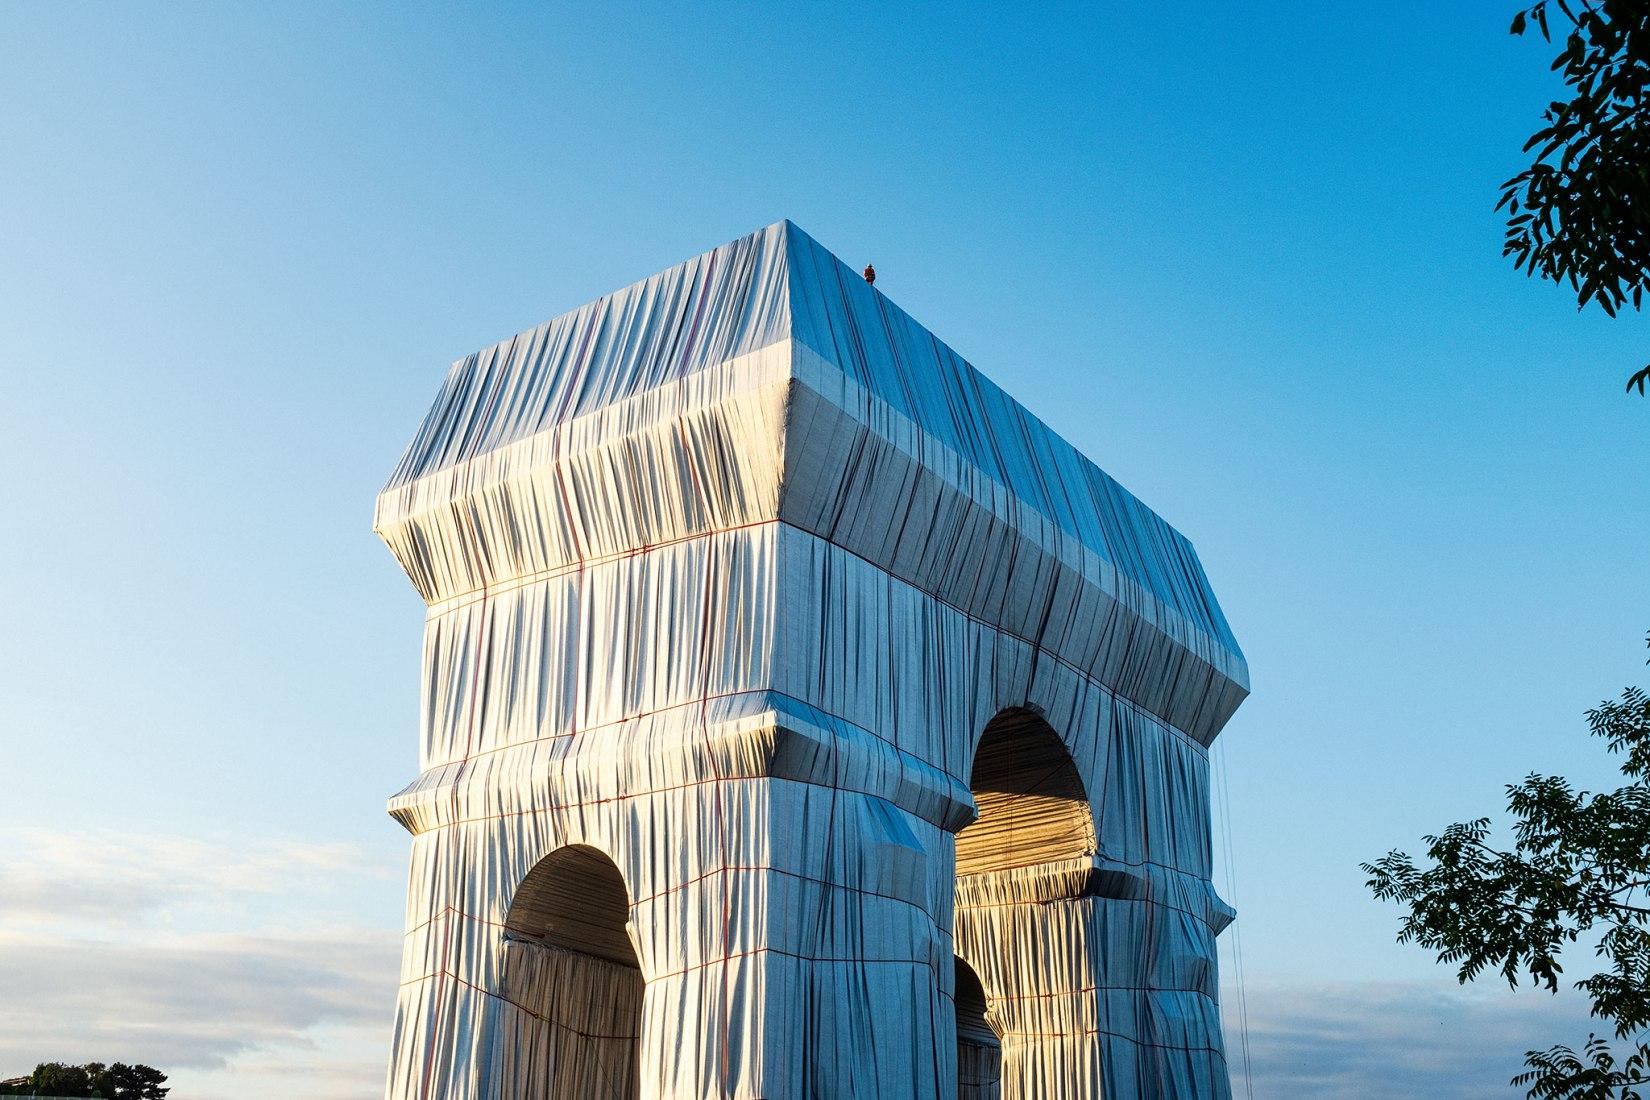 Christo y Jeanne-Claude L'Arc de Triomphe, Wrapped, París, 1961-2021. Fotografía de Lubri. Imagen cortesía de 2021 Christo and Jeanne-Claude Foundation